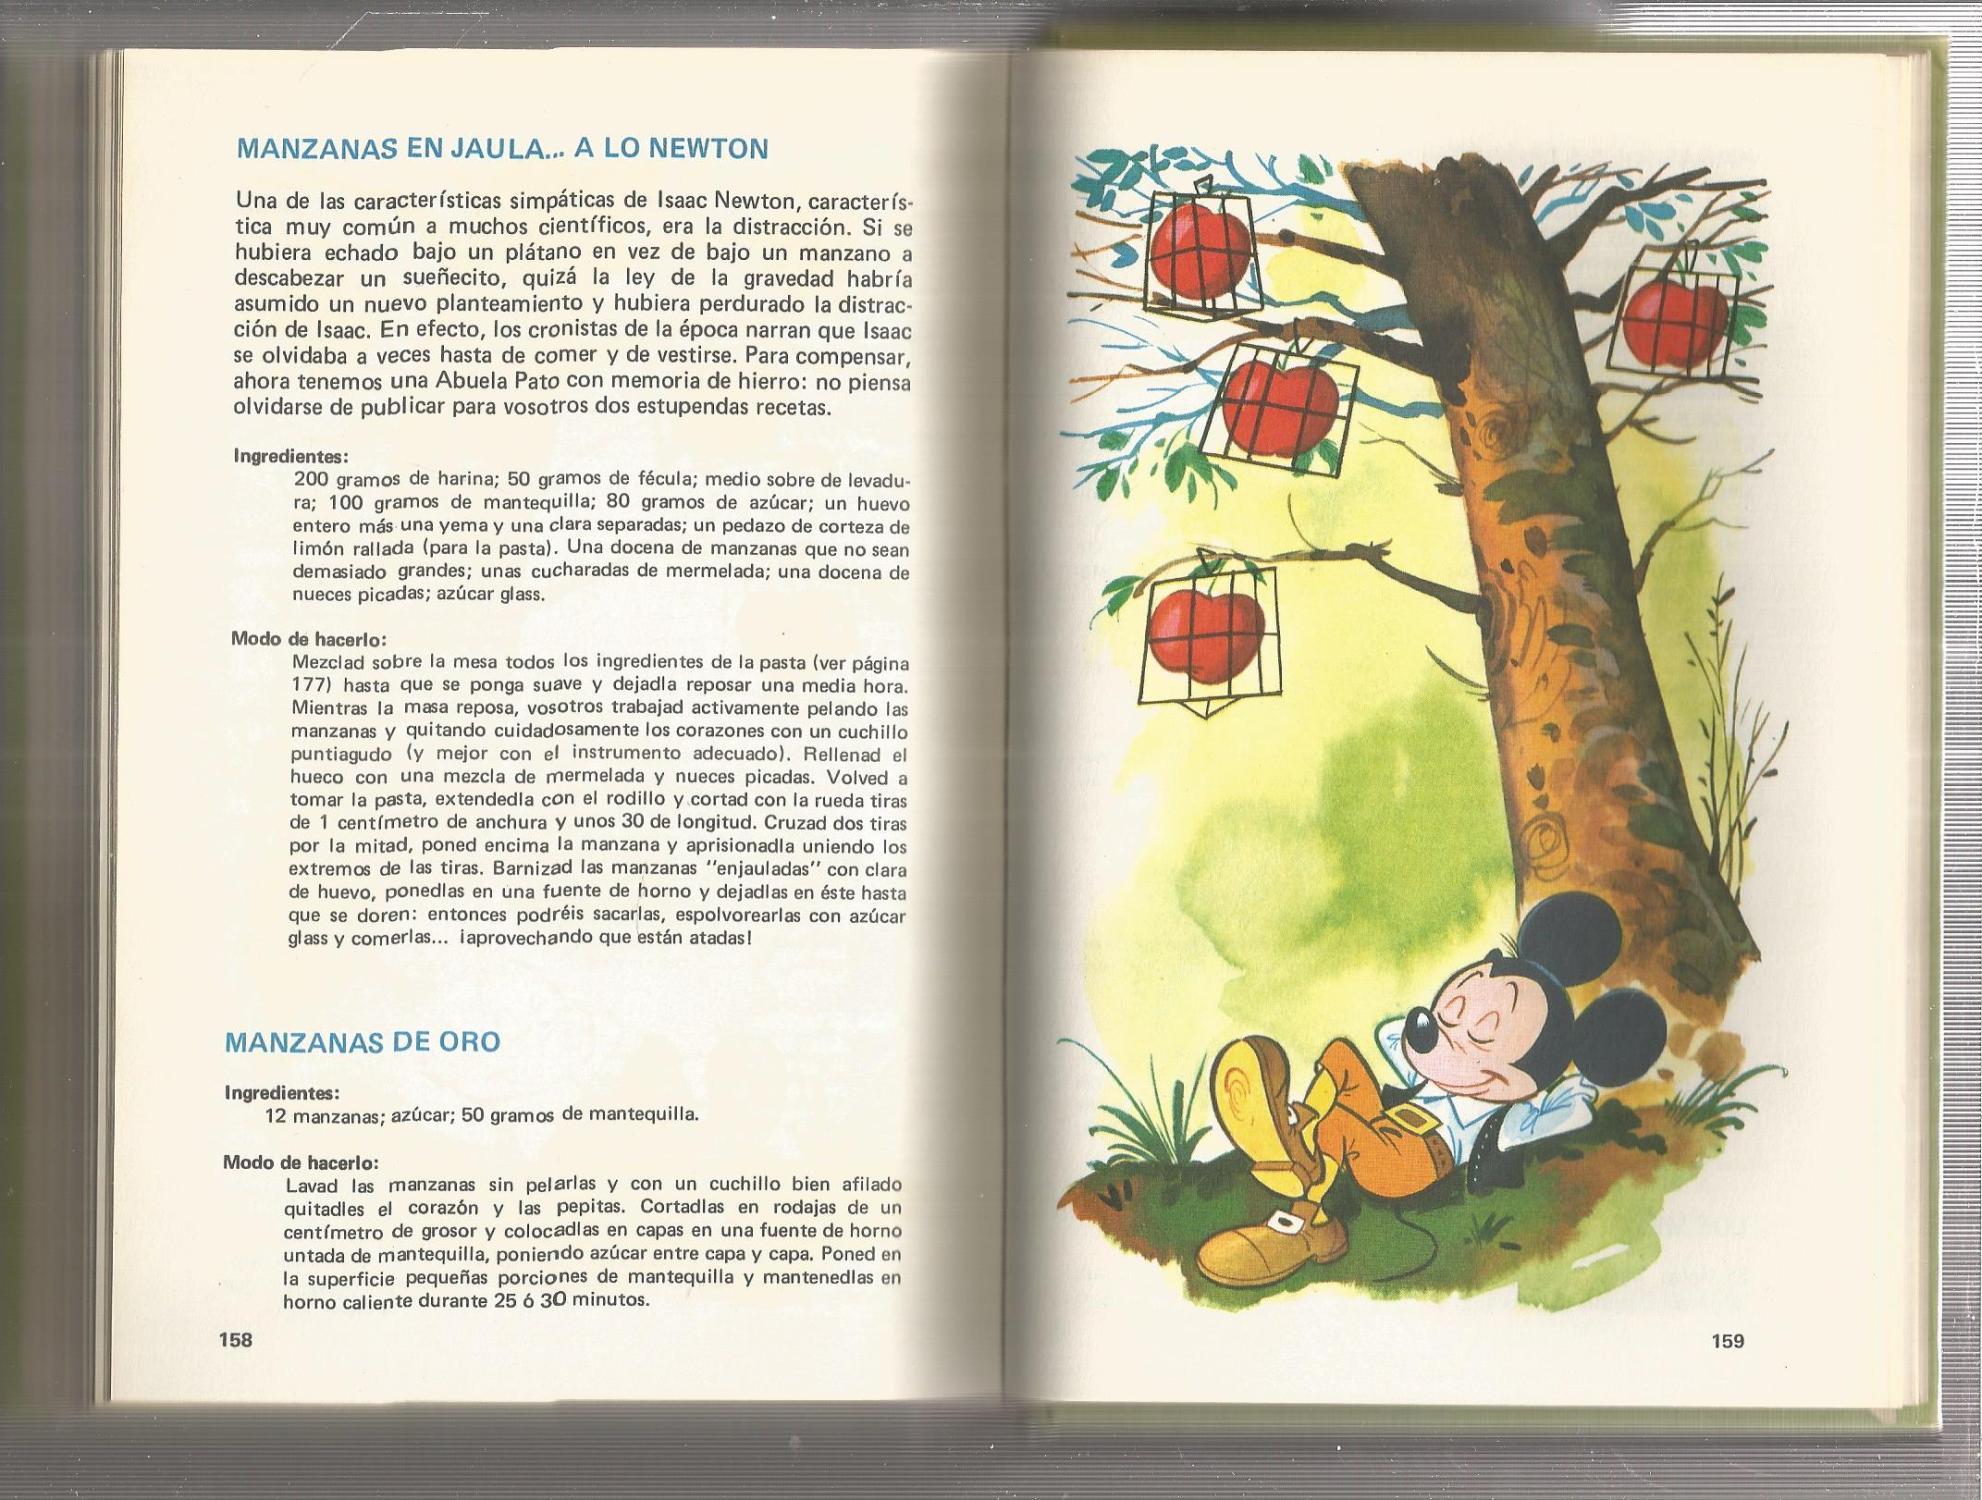 Manual de la abuela pato (manuales disney) con recetas de cocina.